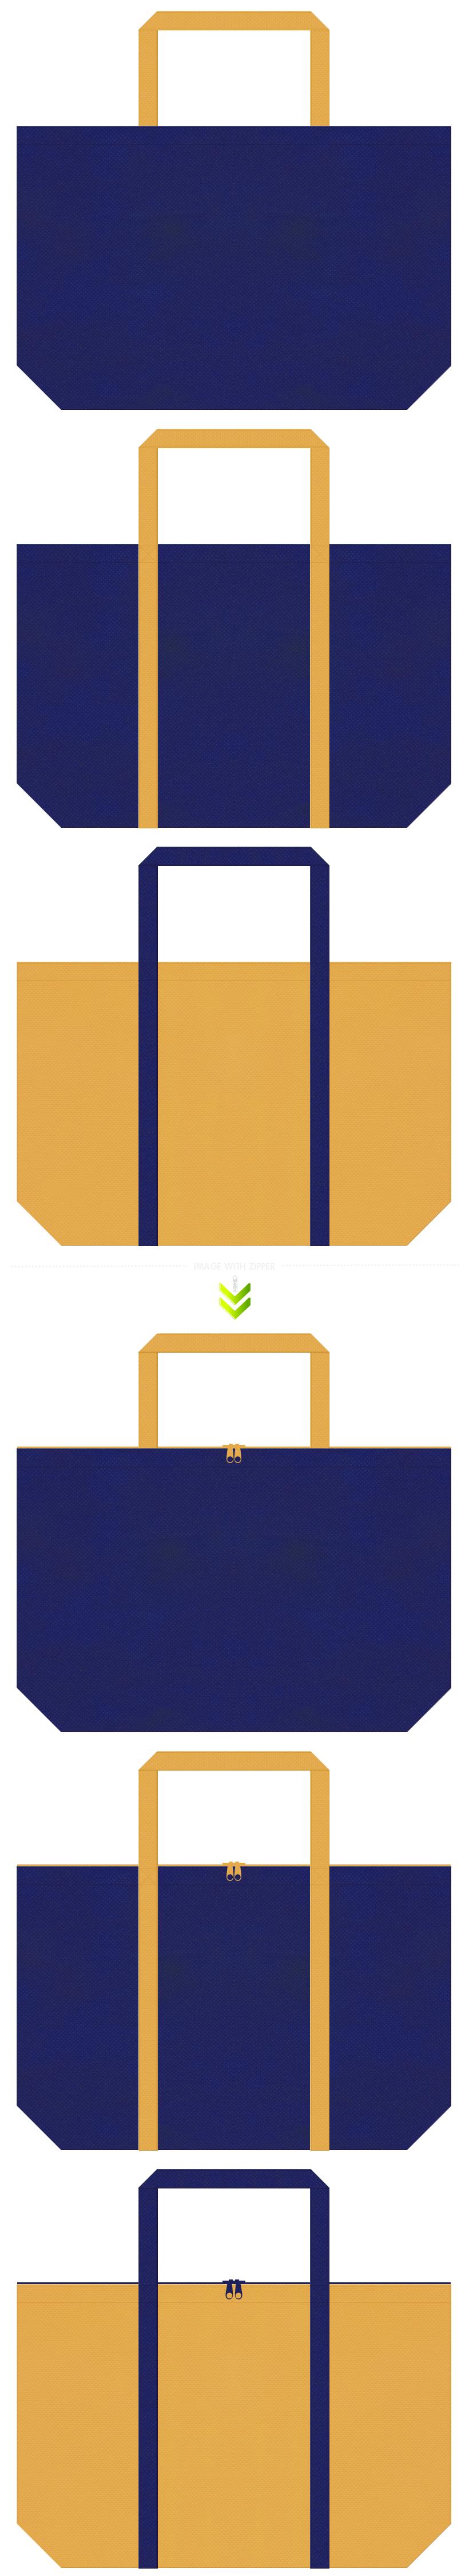 明るい紺色と黄土色の不織布エコバッグのデザイン。